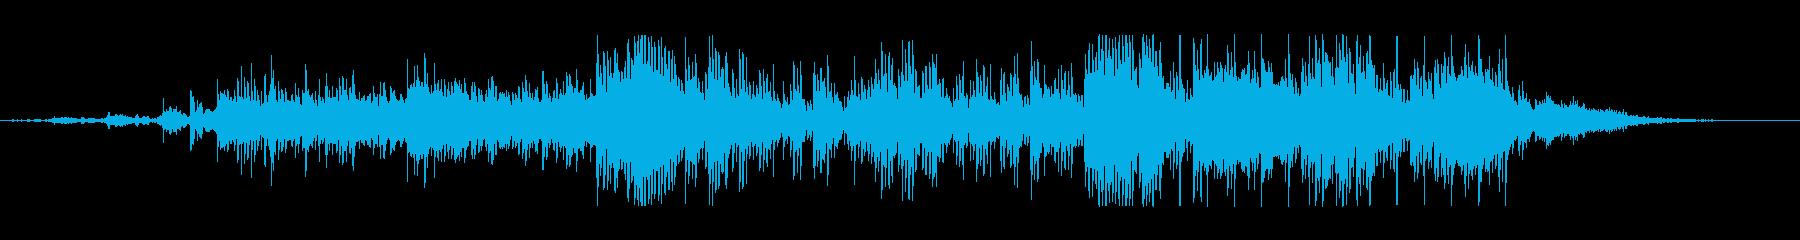 エアリアル センチメンタル 技術的...の再生済みの波形